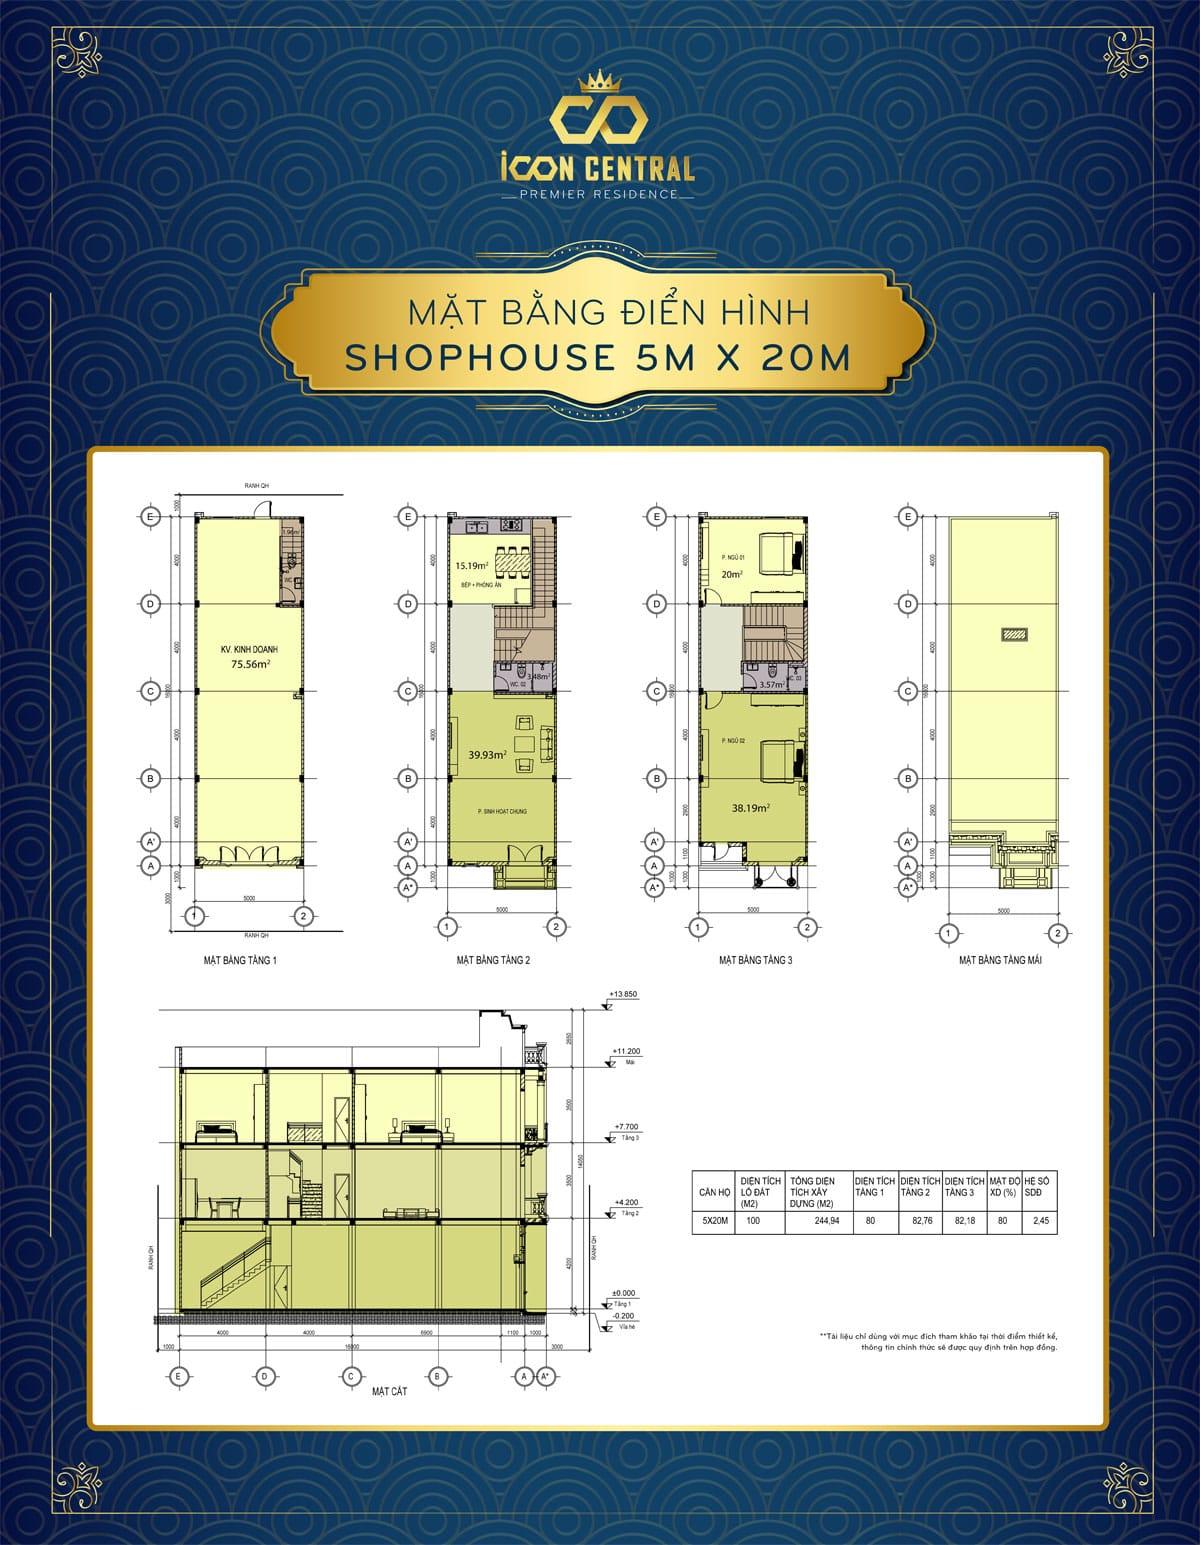 mat bang dien hinh shophouse di an 5x 20m icon central - mat-bang-dien-hinh-shophouse-di-an-5x-20m-icon-central